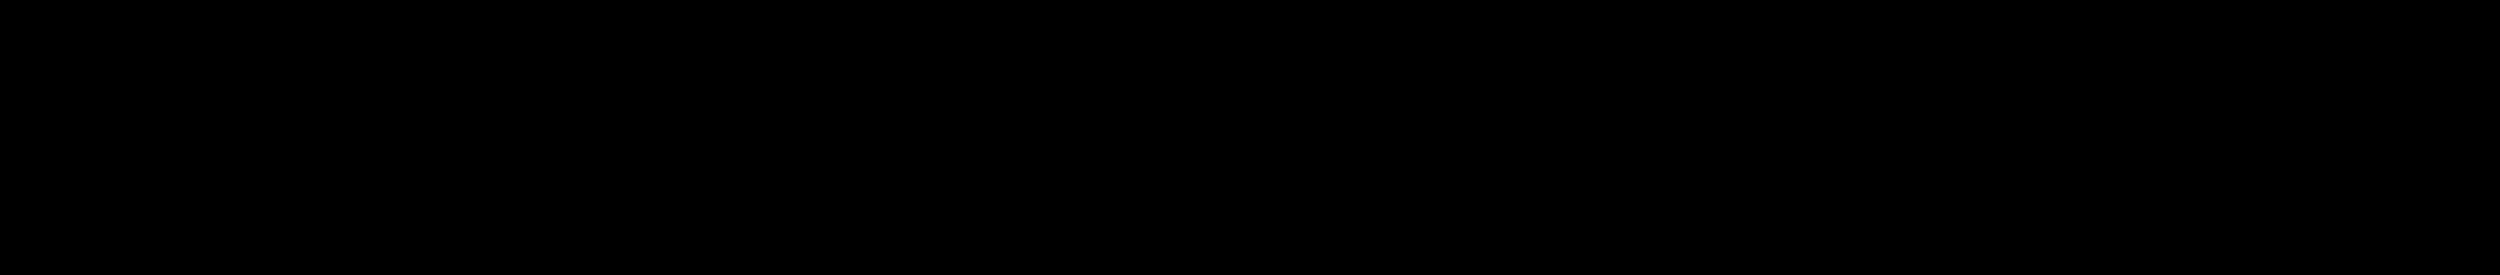 Bulgari_logo.png